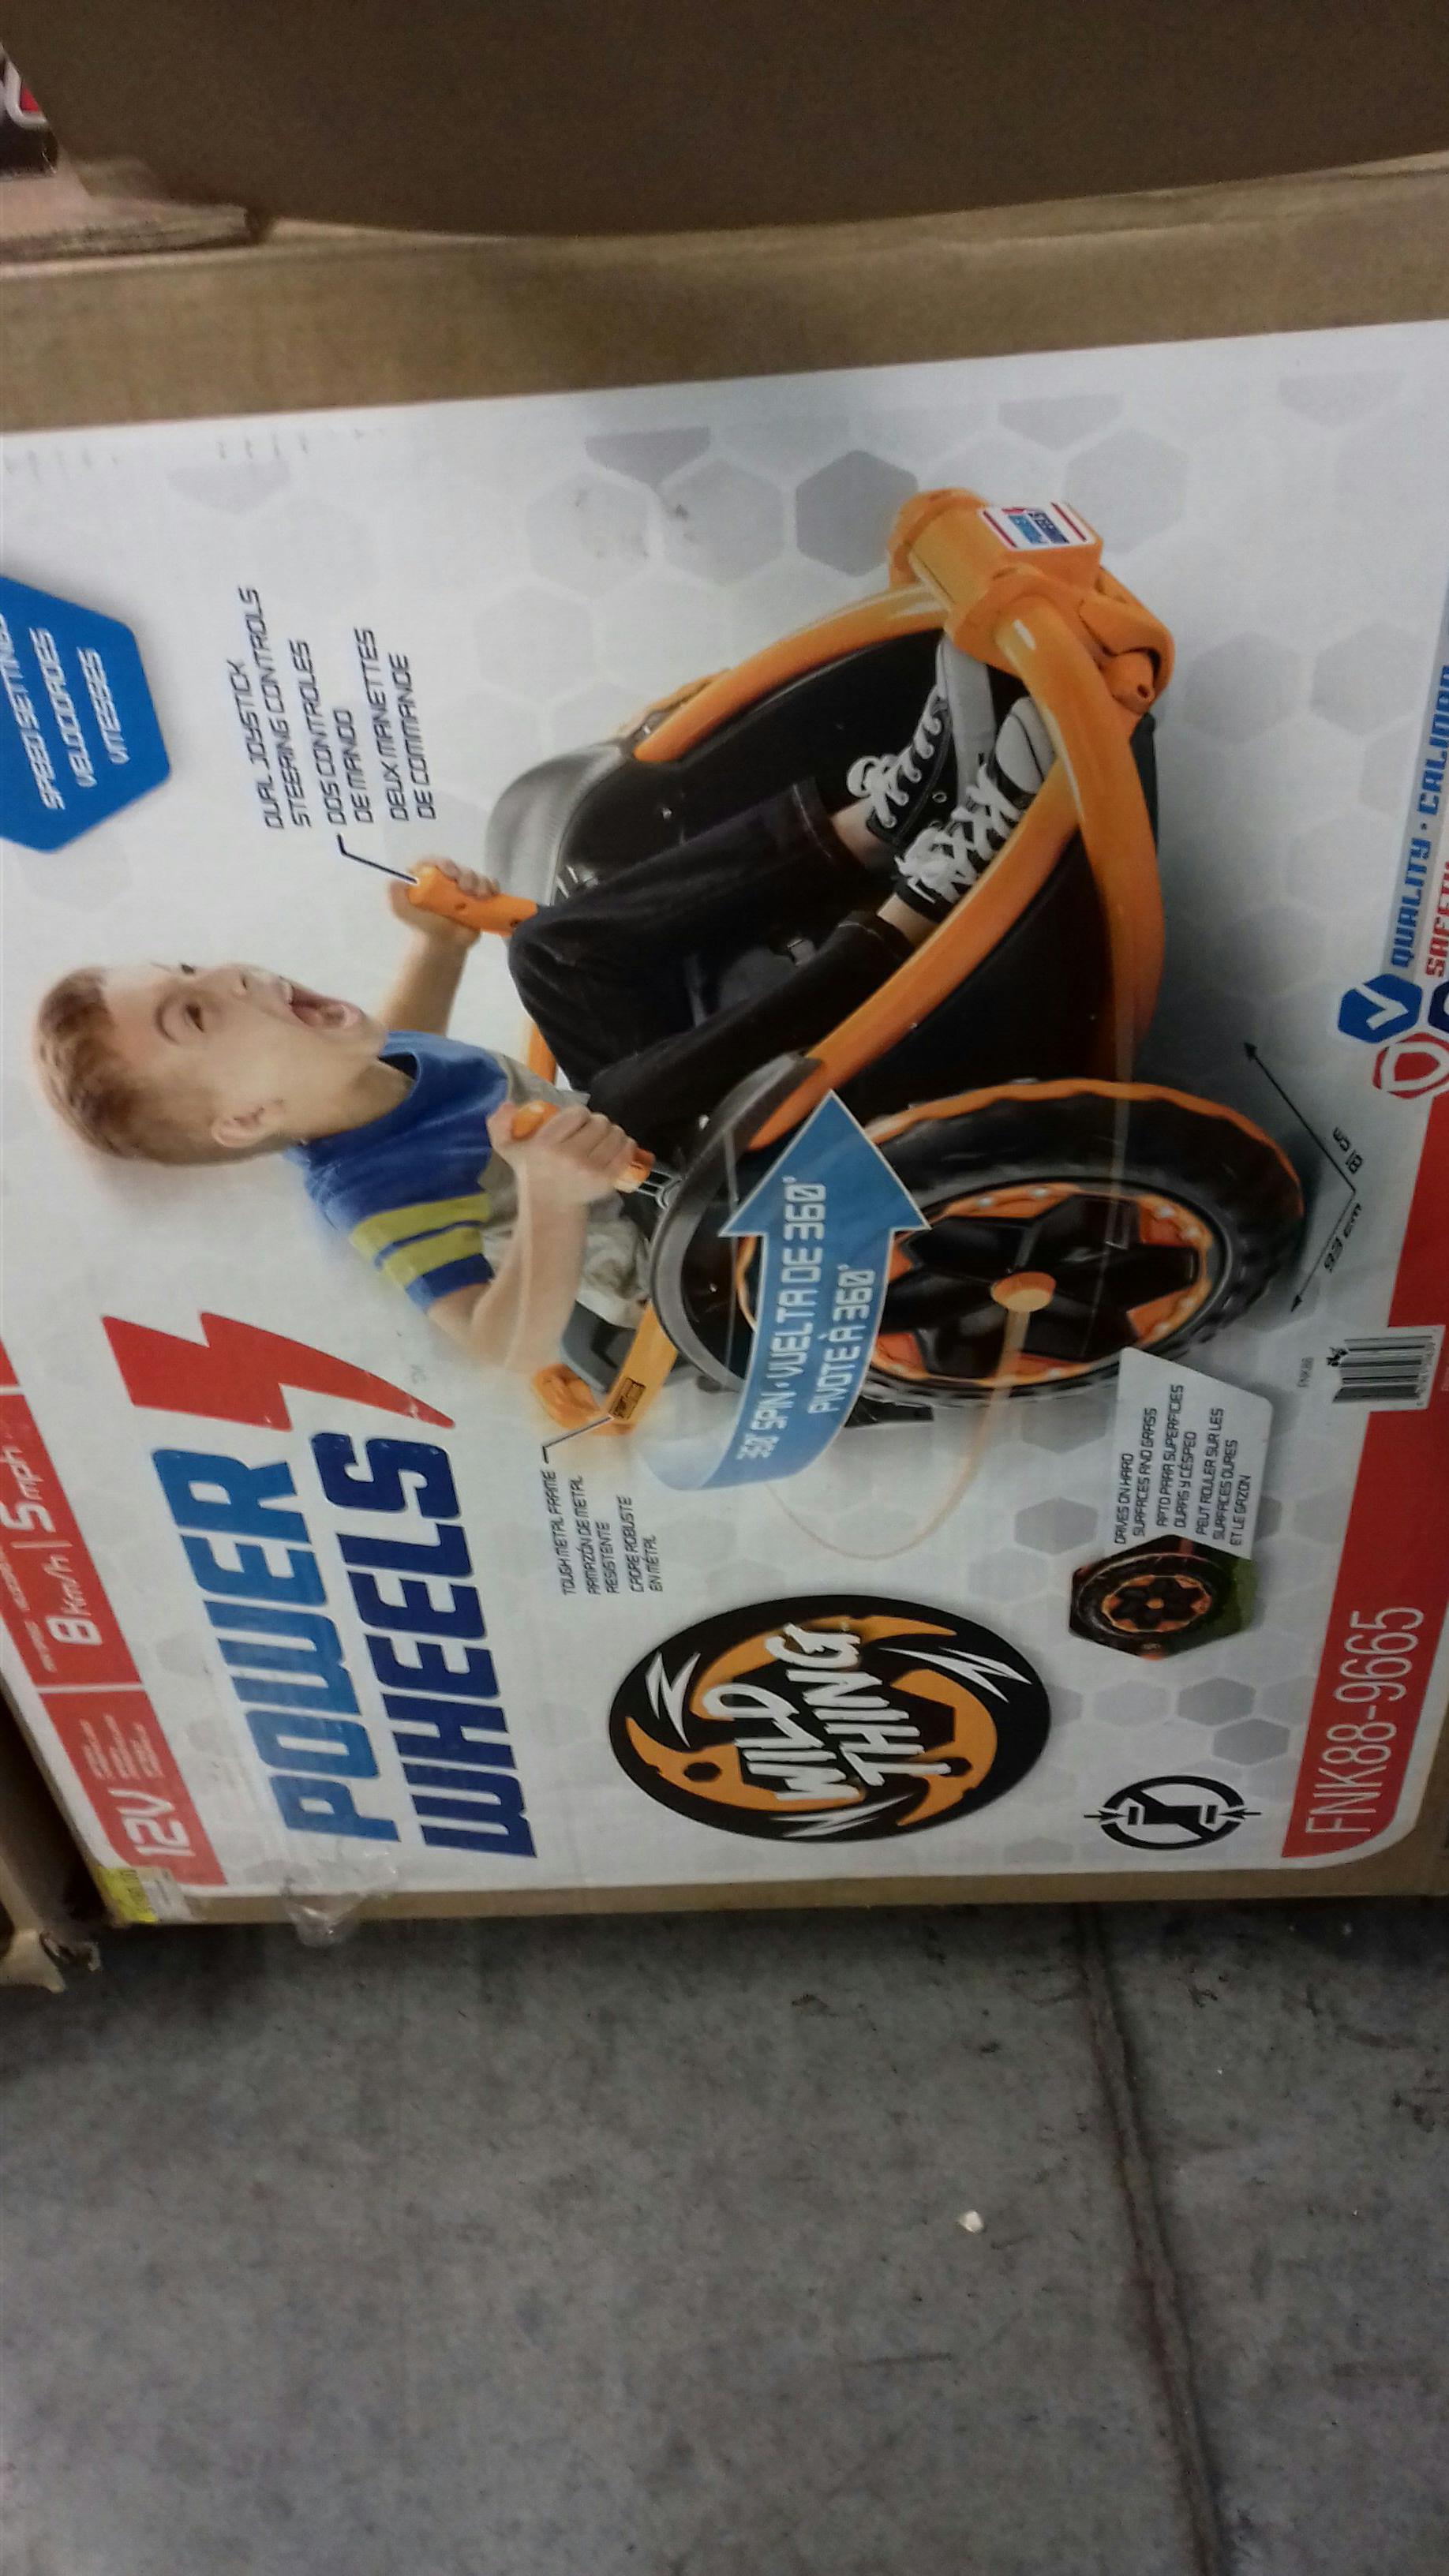 Bodega Aurrerá: carro power  wheels wild th de de $5,150 a solo $3,620.03 (mas montable y juegos playmovil)